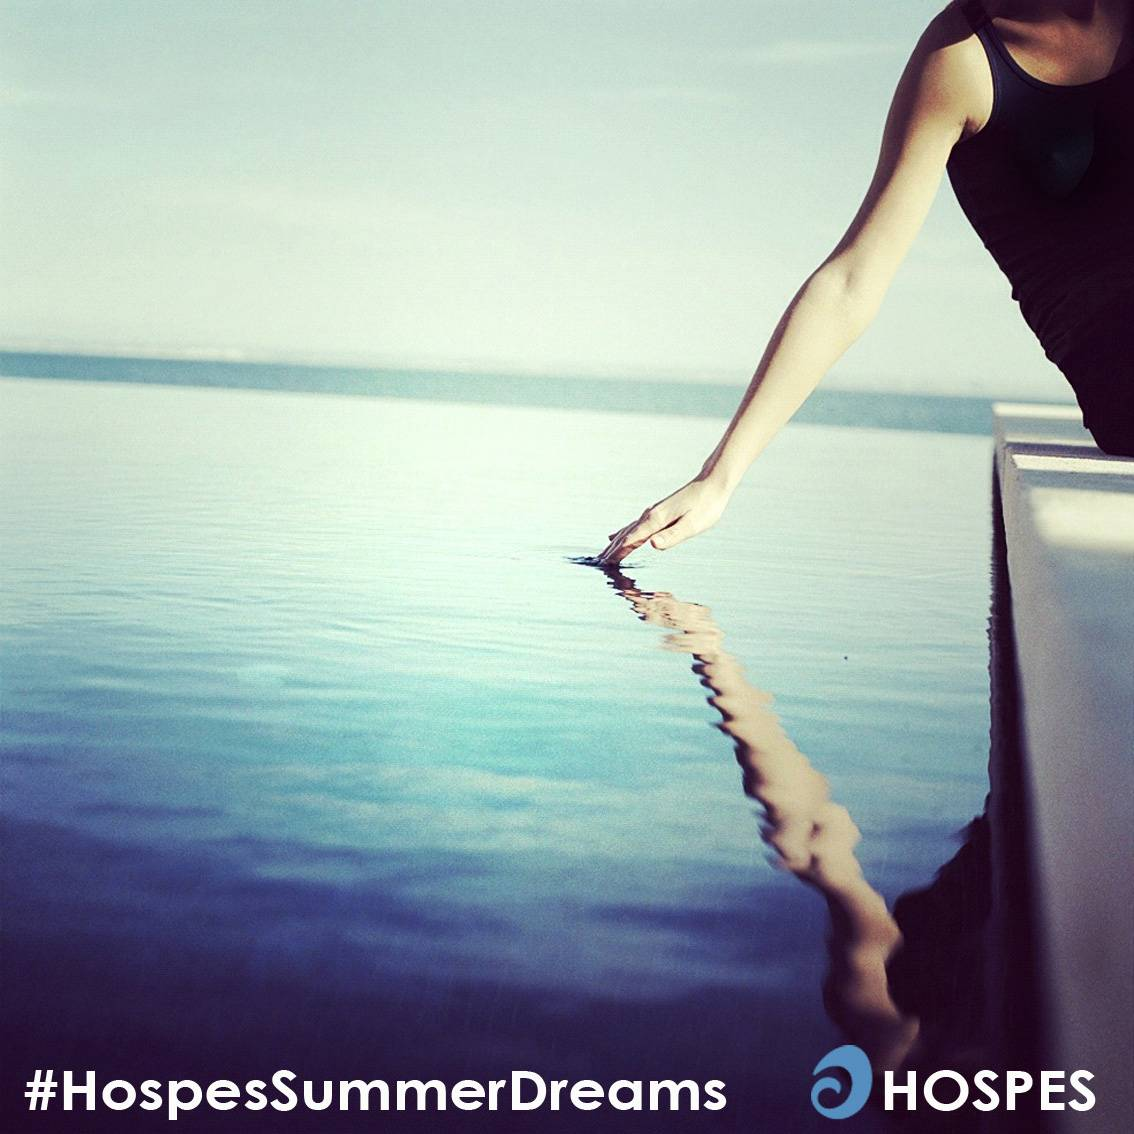 Gana un fin de semana con Hospes Hotels en Instagram